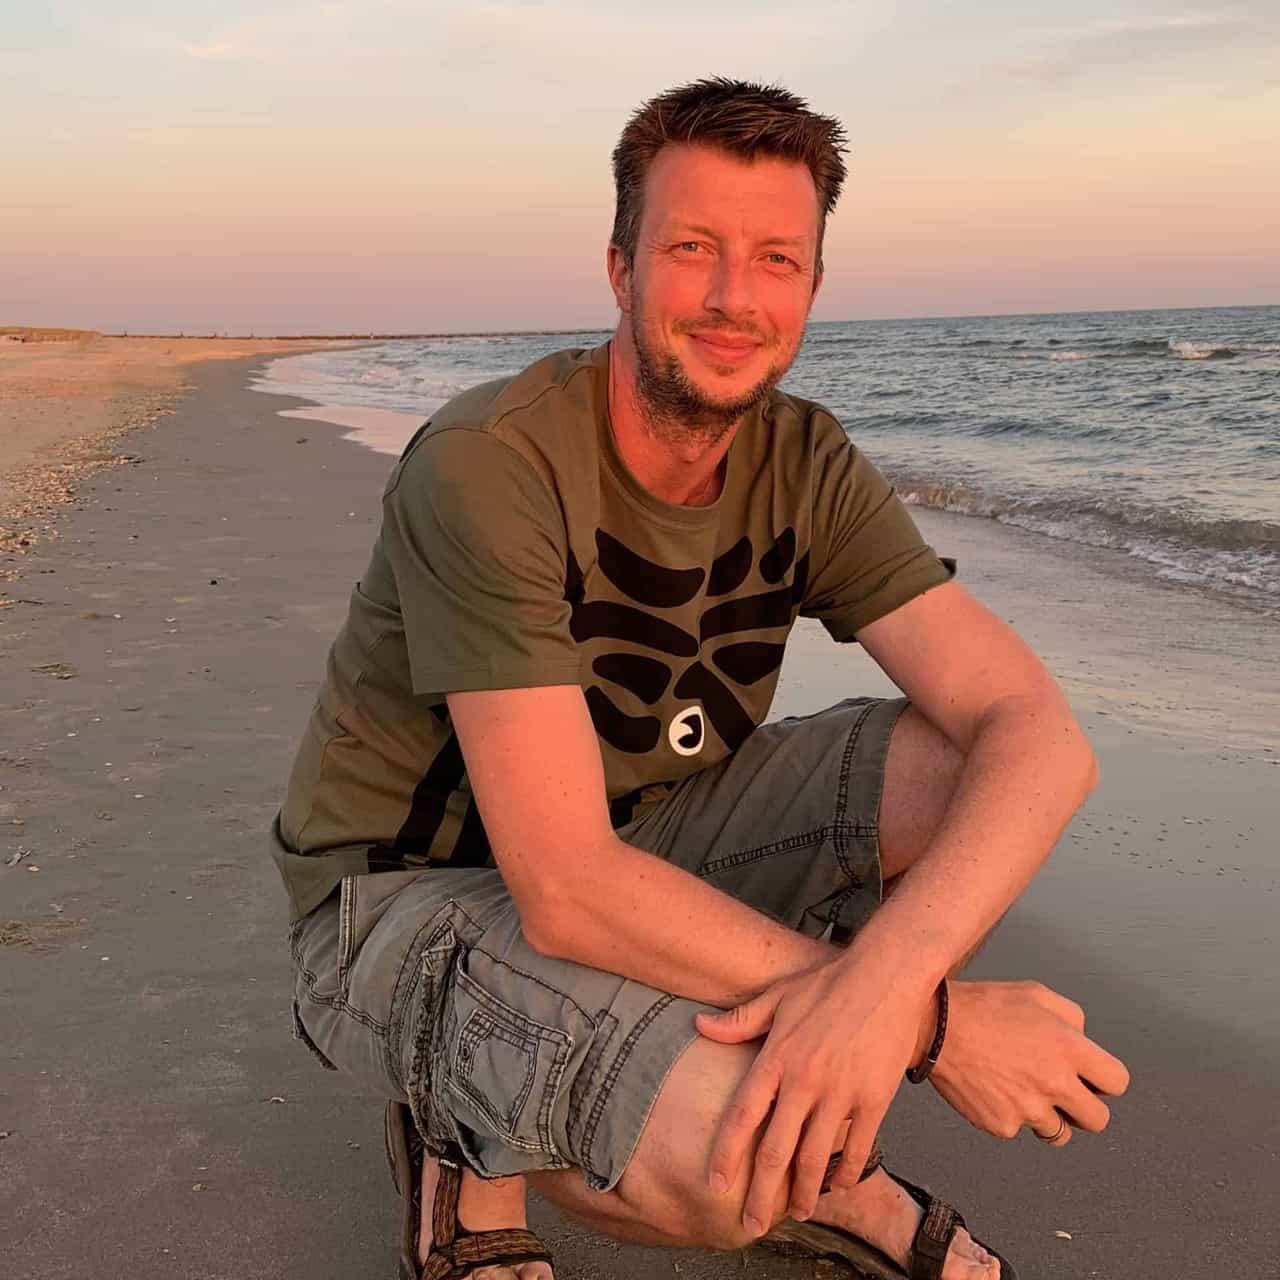 Florian-Foto-Autorenseite